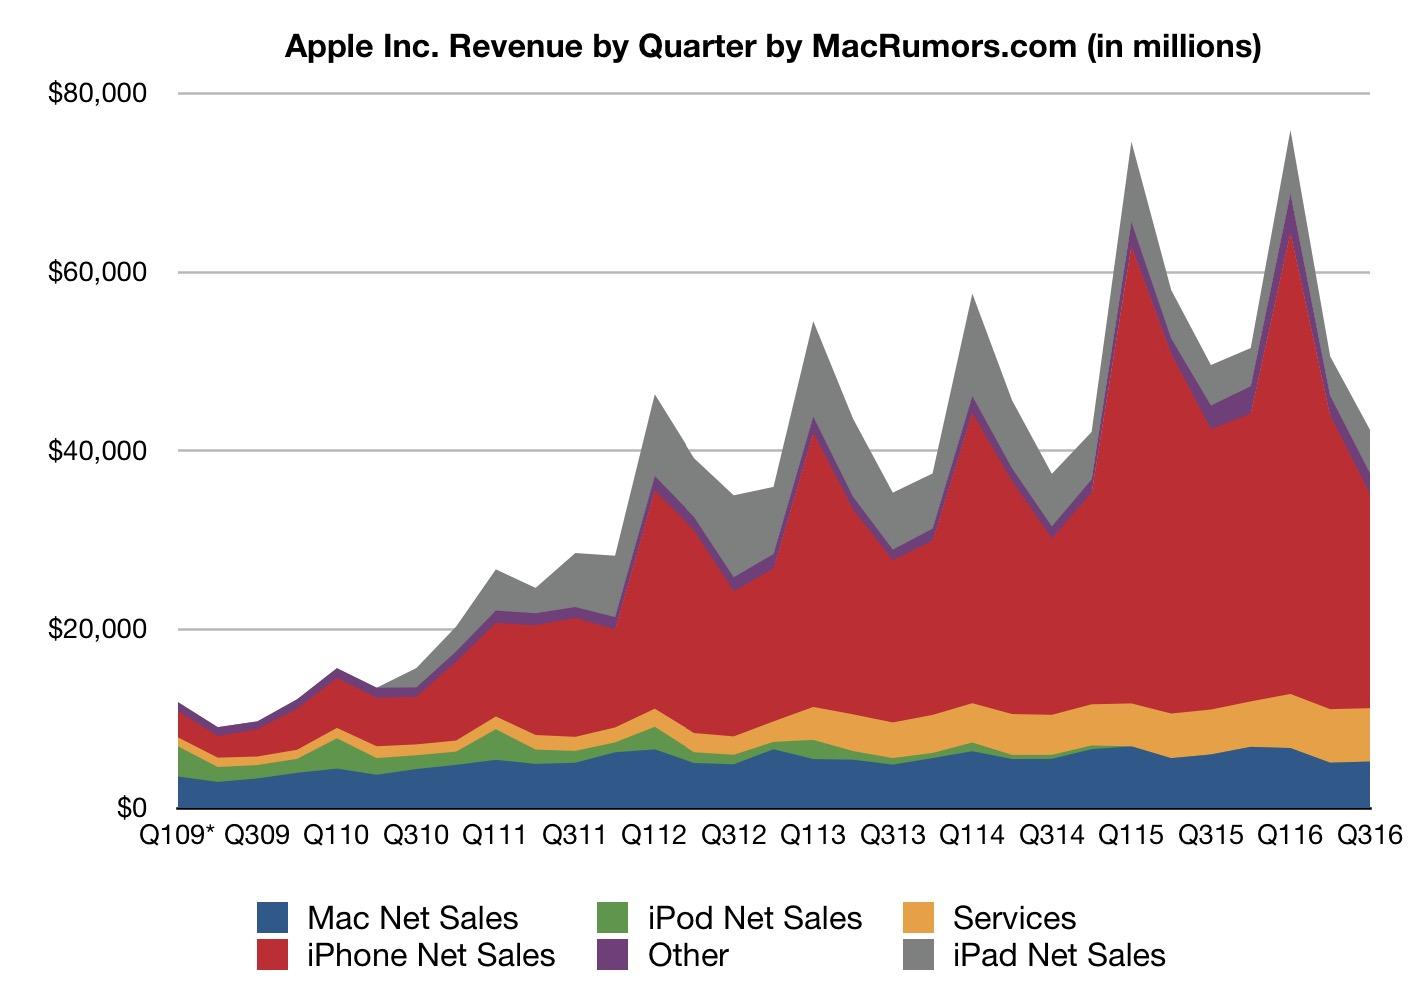 Gráfica de ingresos de Apple en el Q3 de 2016